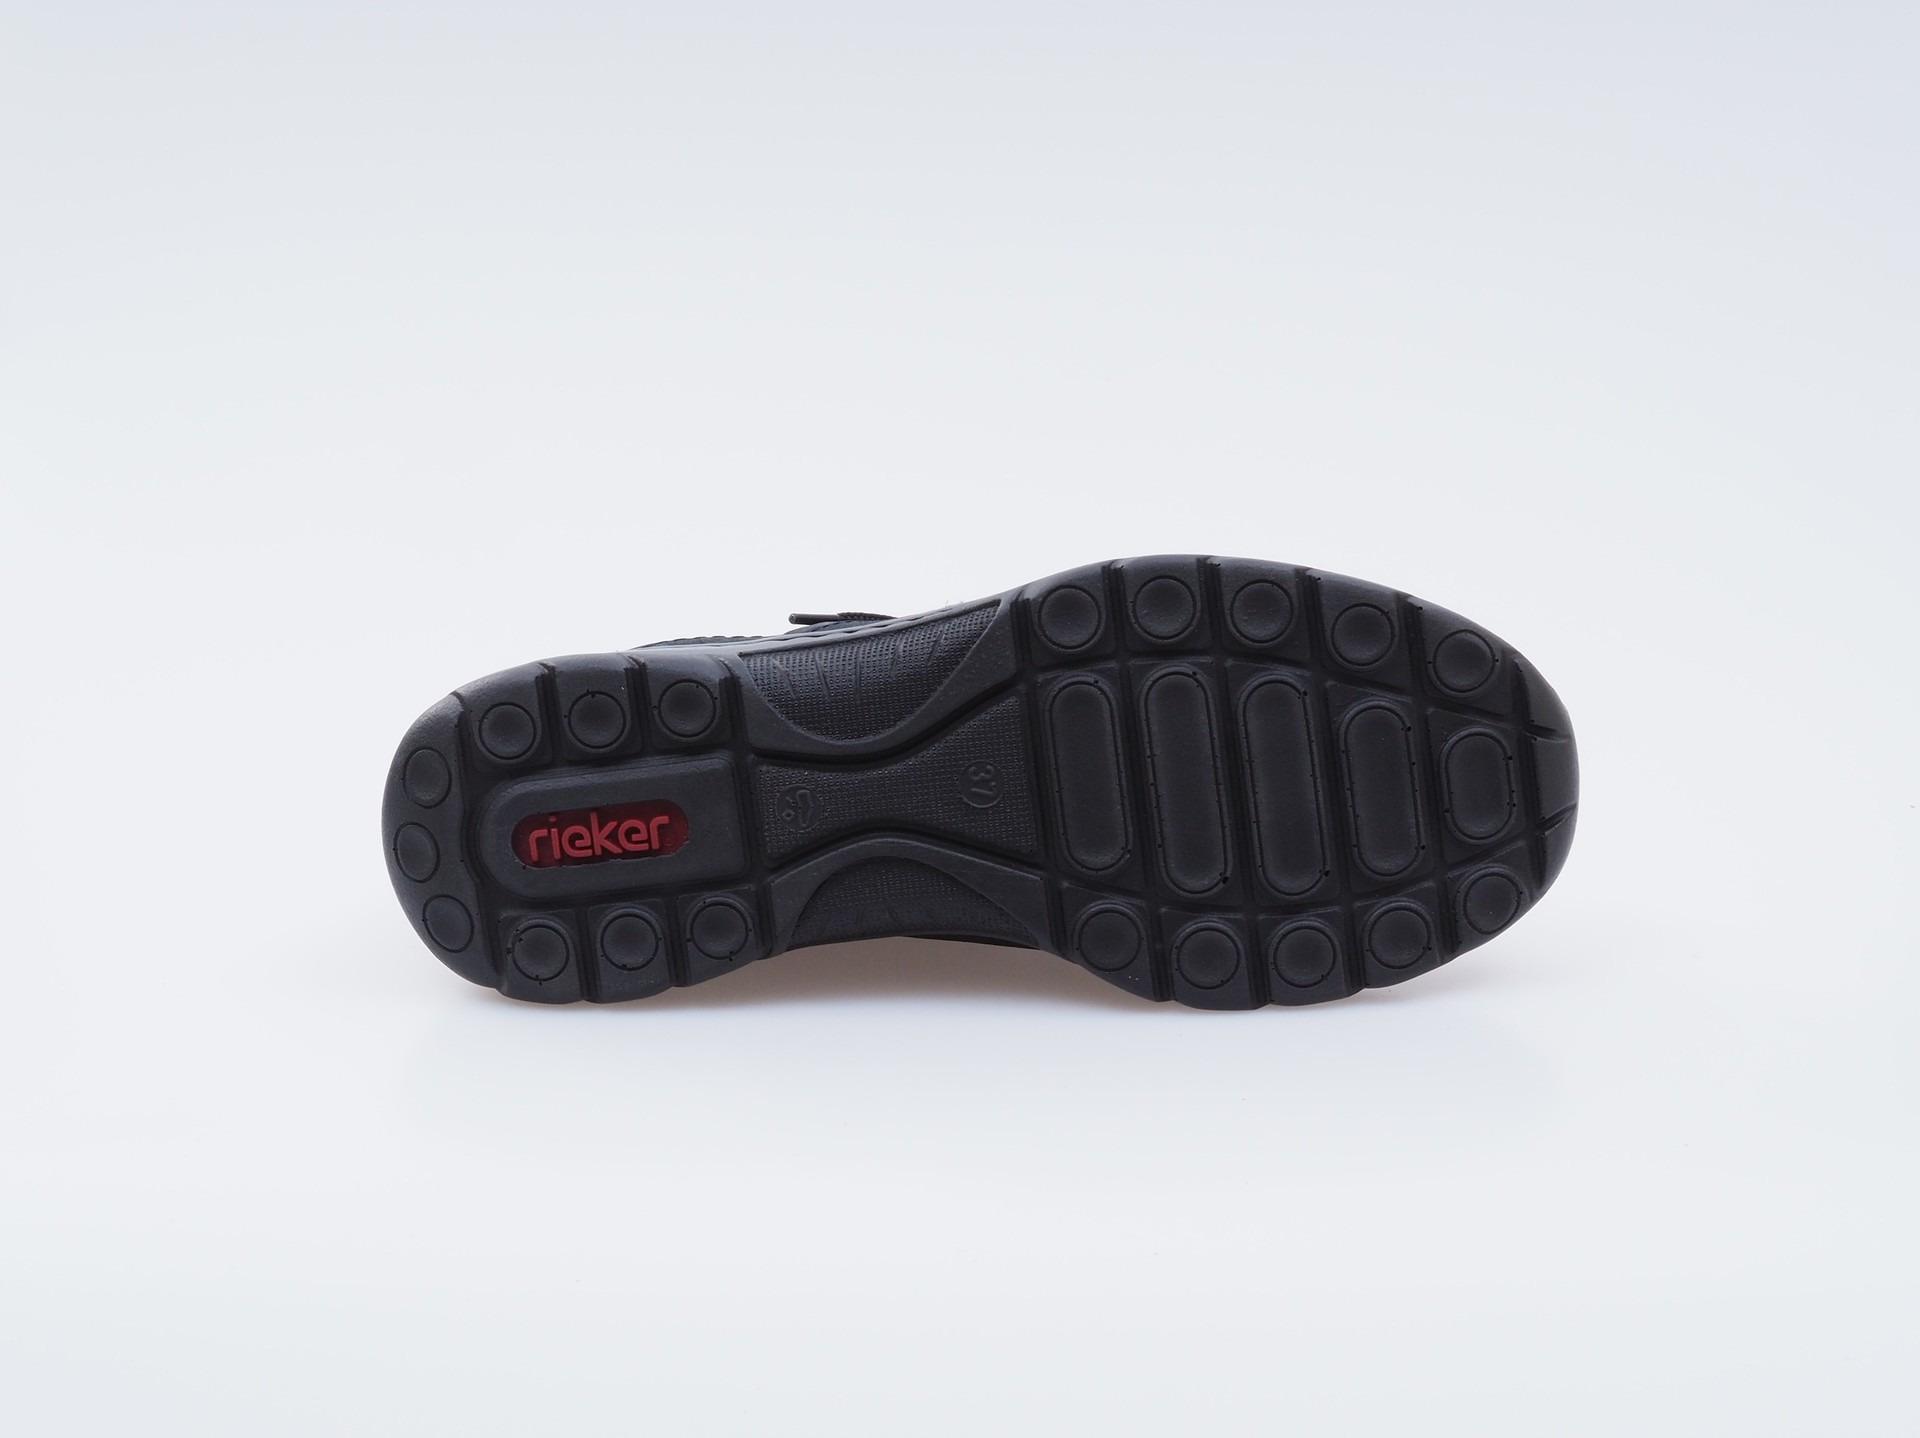 Soňa - Dámska obuv - Tenisky - Šedé kožené športové topánky Rieker ae2831e672